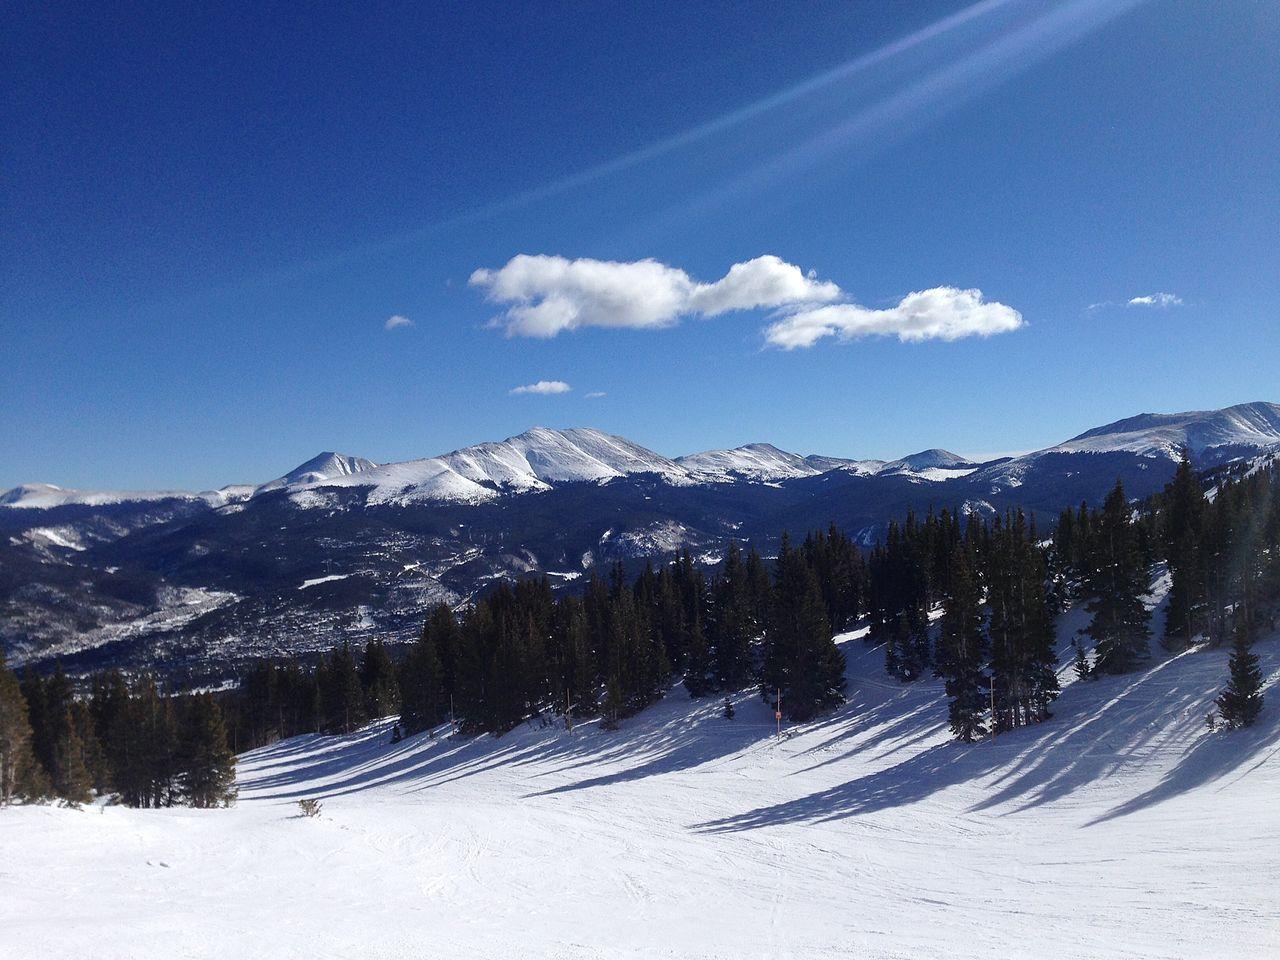 Snow mountains on Breckenridge, Colorado, USA